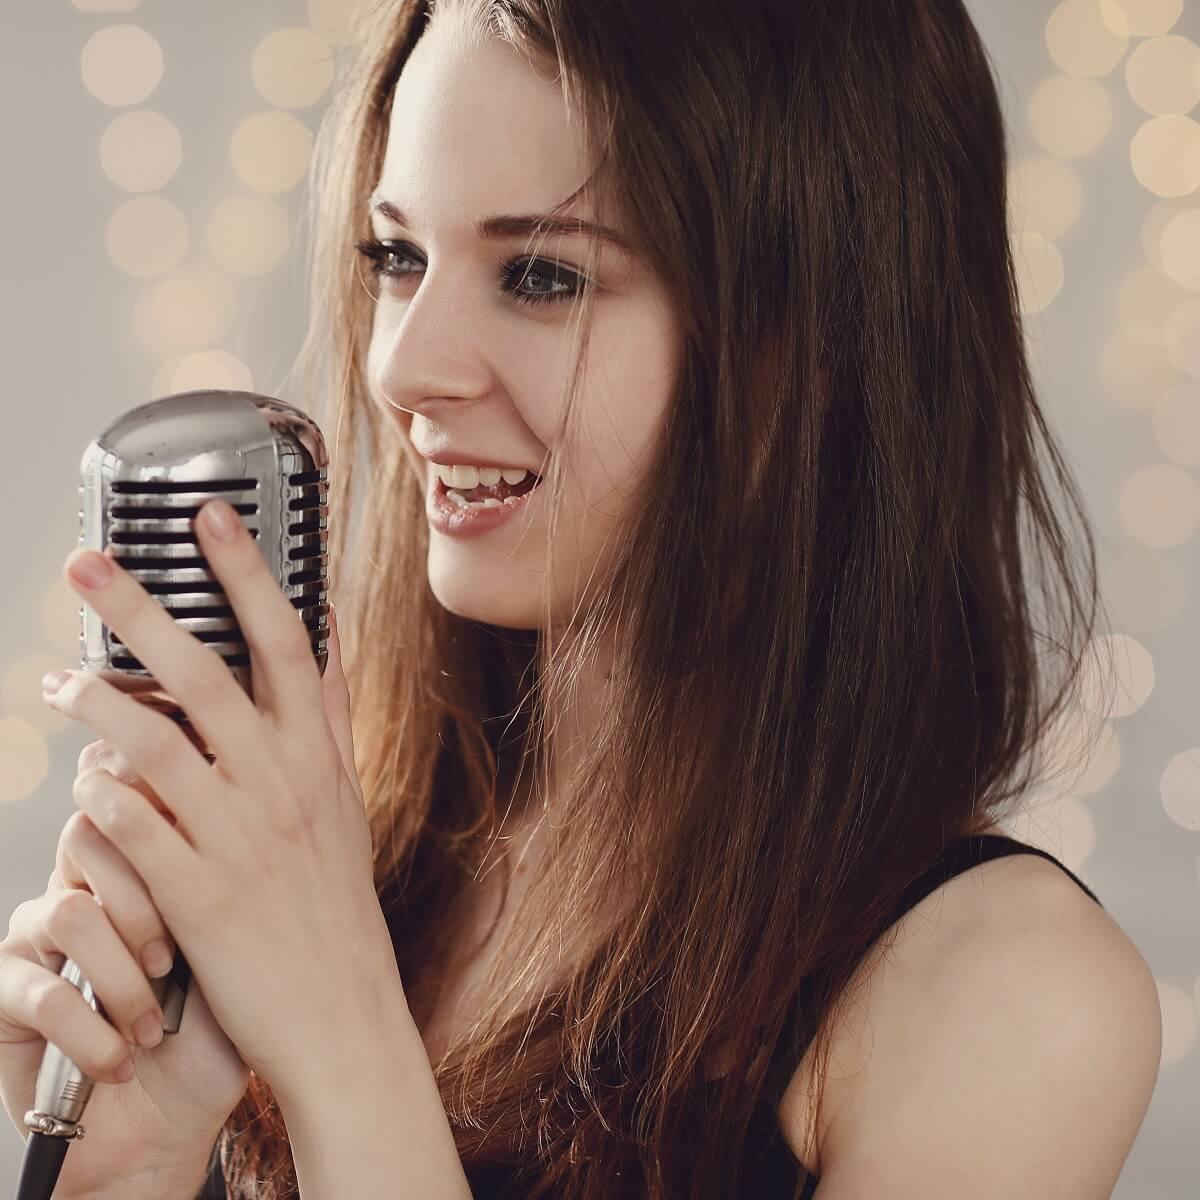 美しい女性のボーカル。